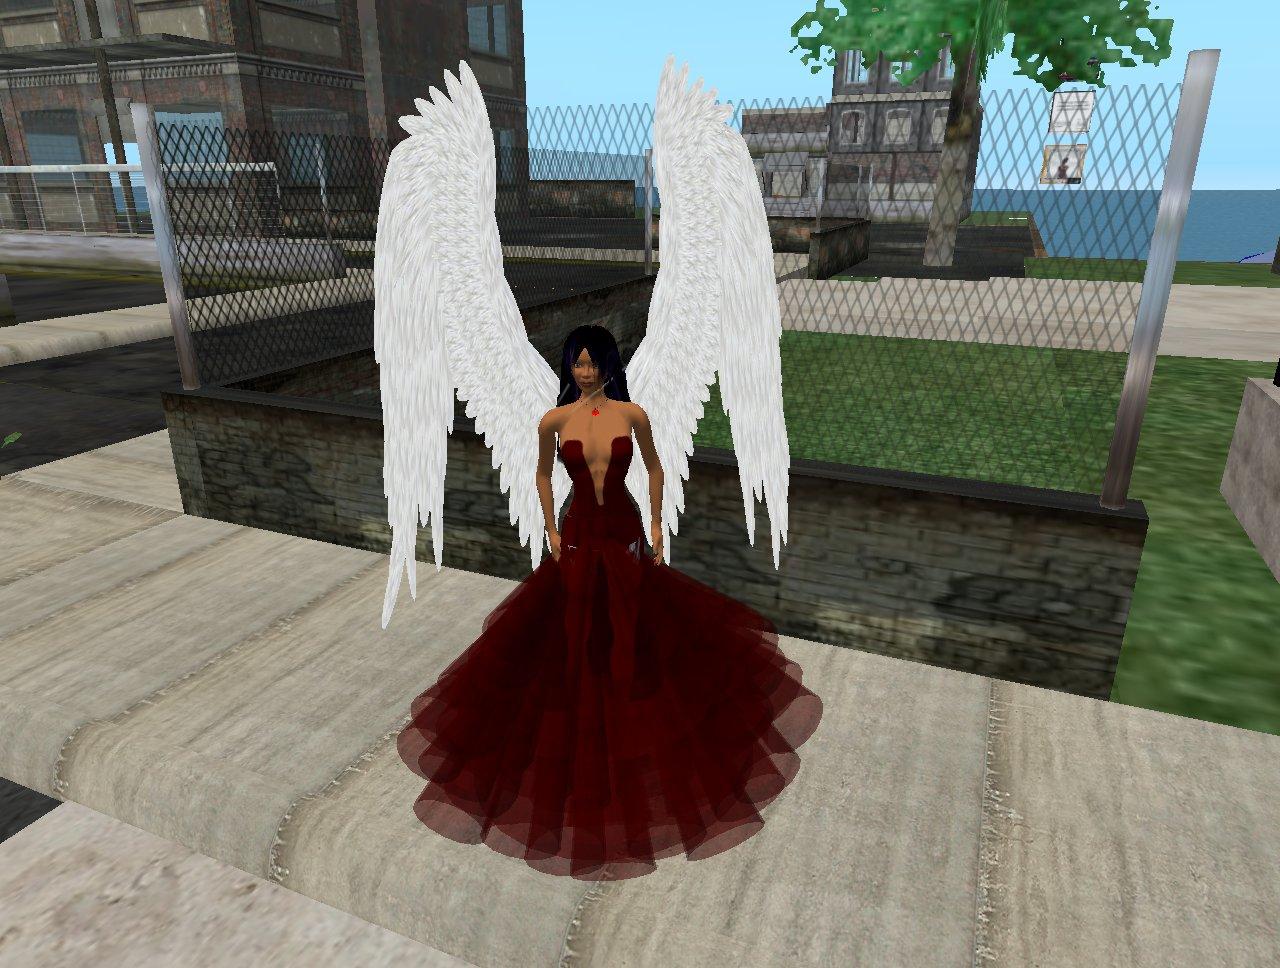 Léna, en tenue robe rouge, ailée - 7/12/2007